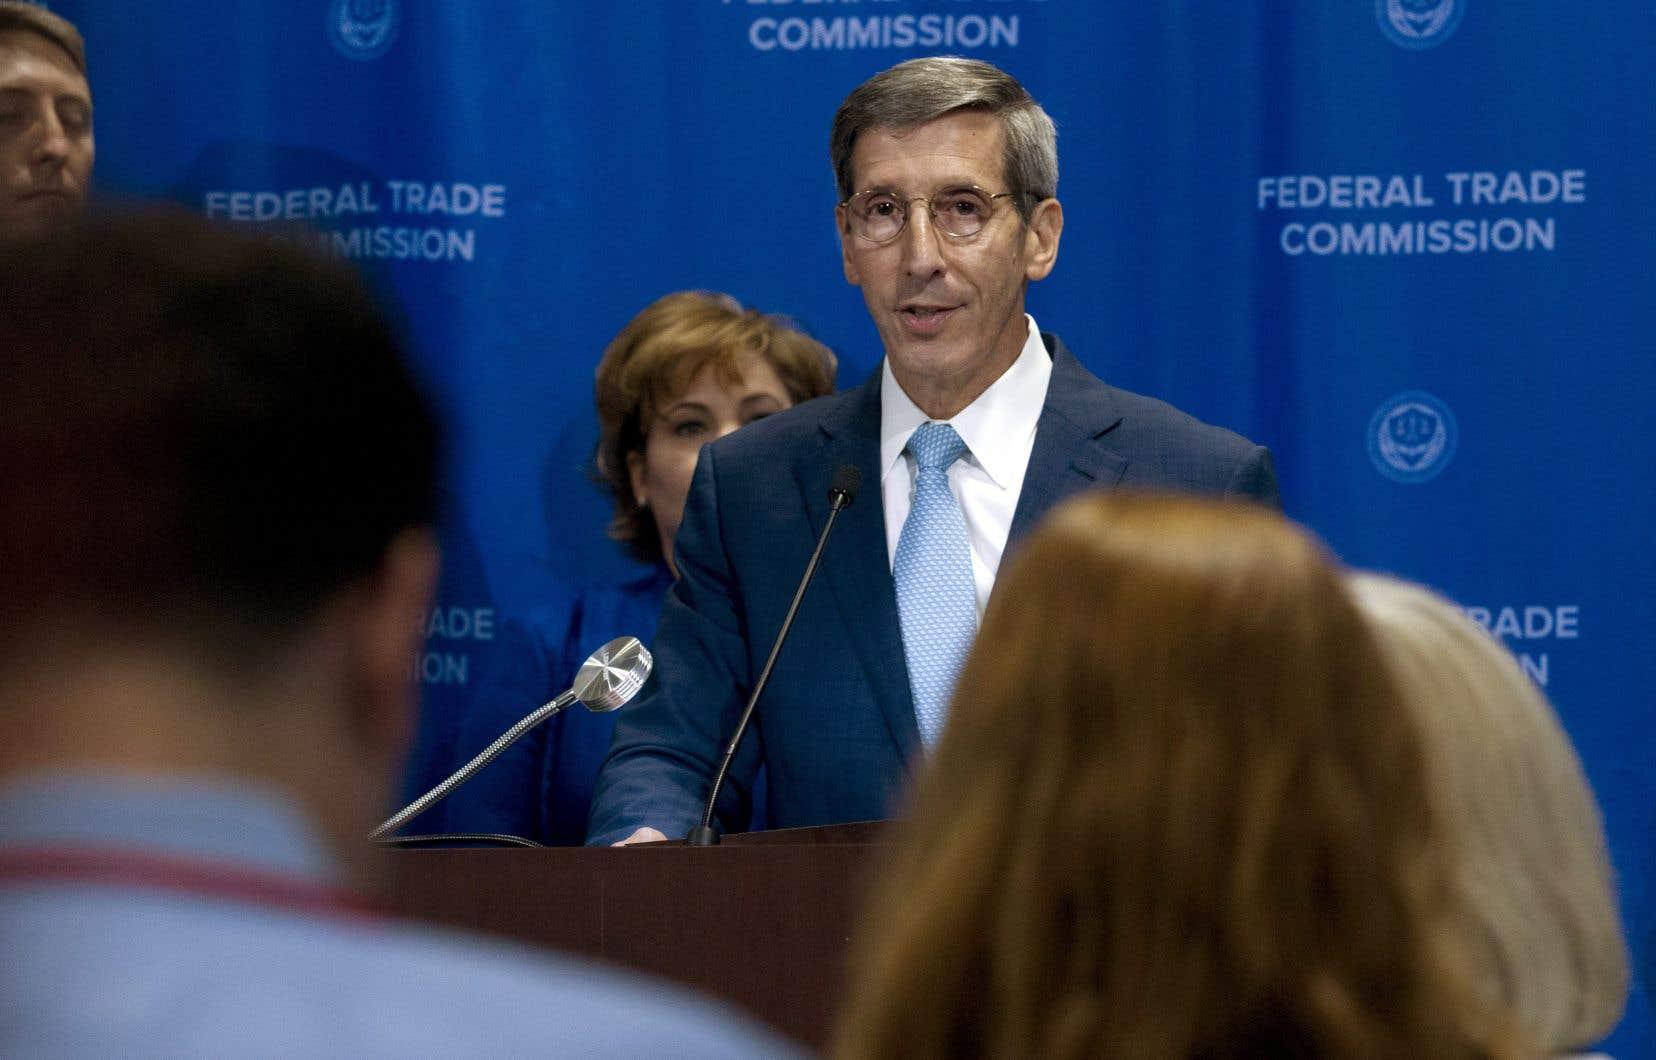 Le président de la Commission fédérale du commerce américaine (FTC en anglais), Joe Simons